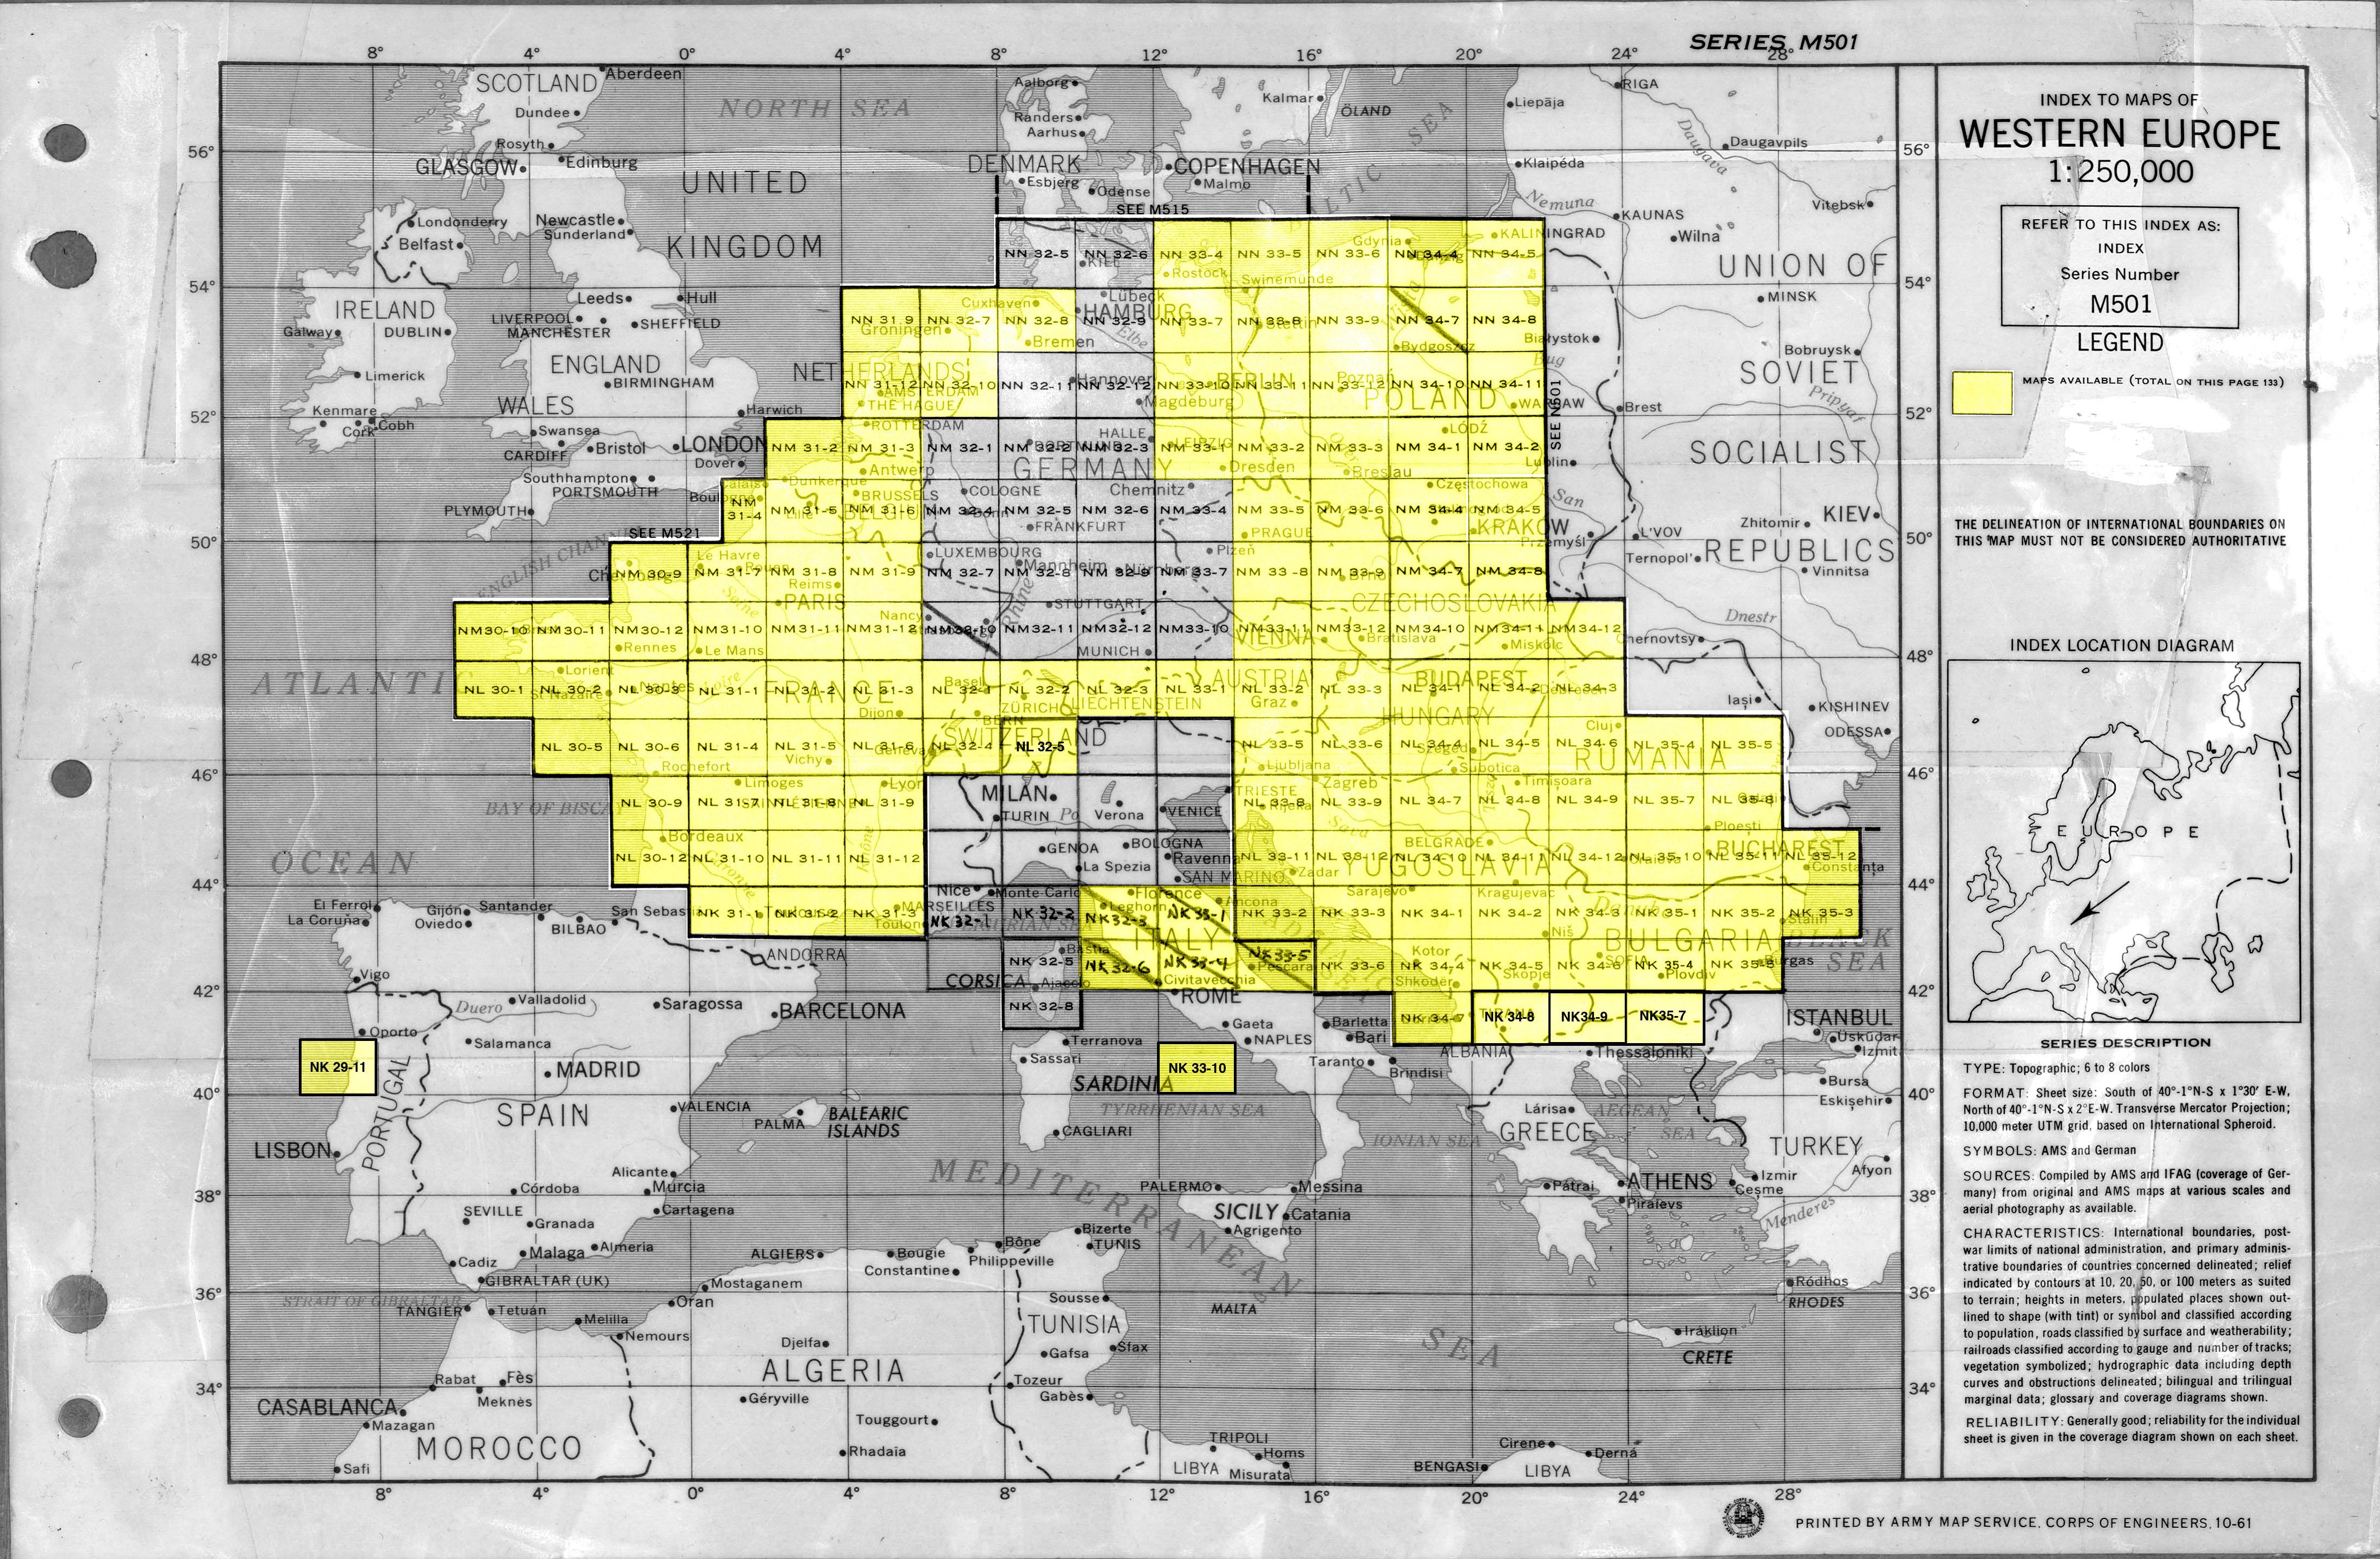 Hercegbosna Org Pogledaj Temu Topomaps Topografija Karte Bih I Hr